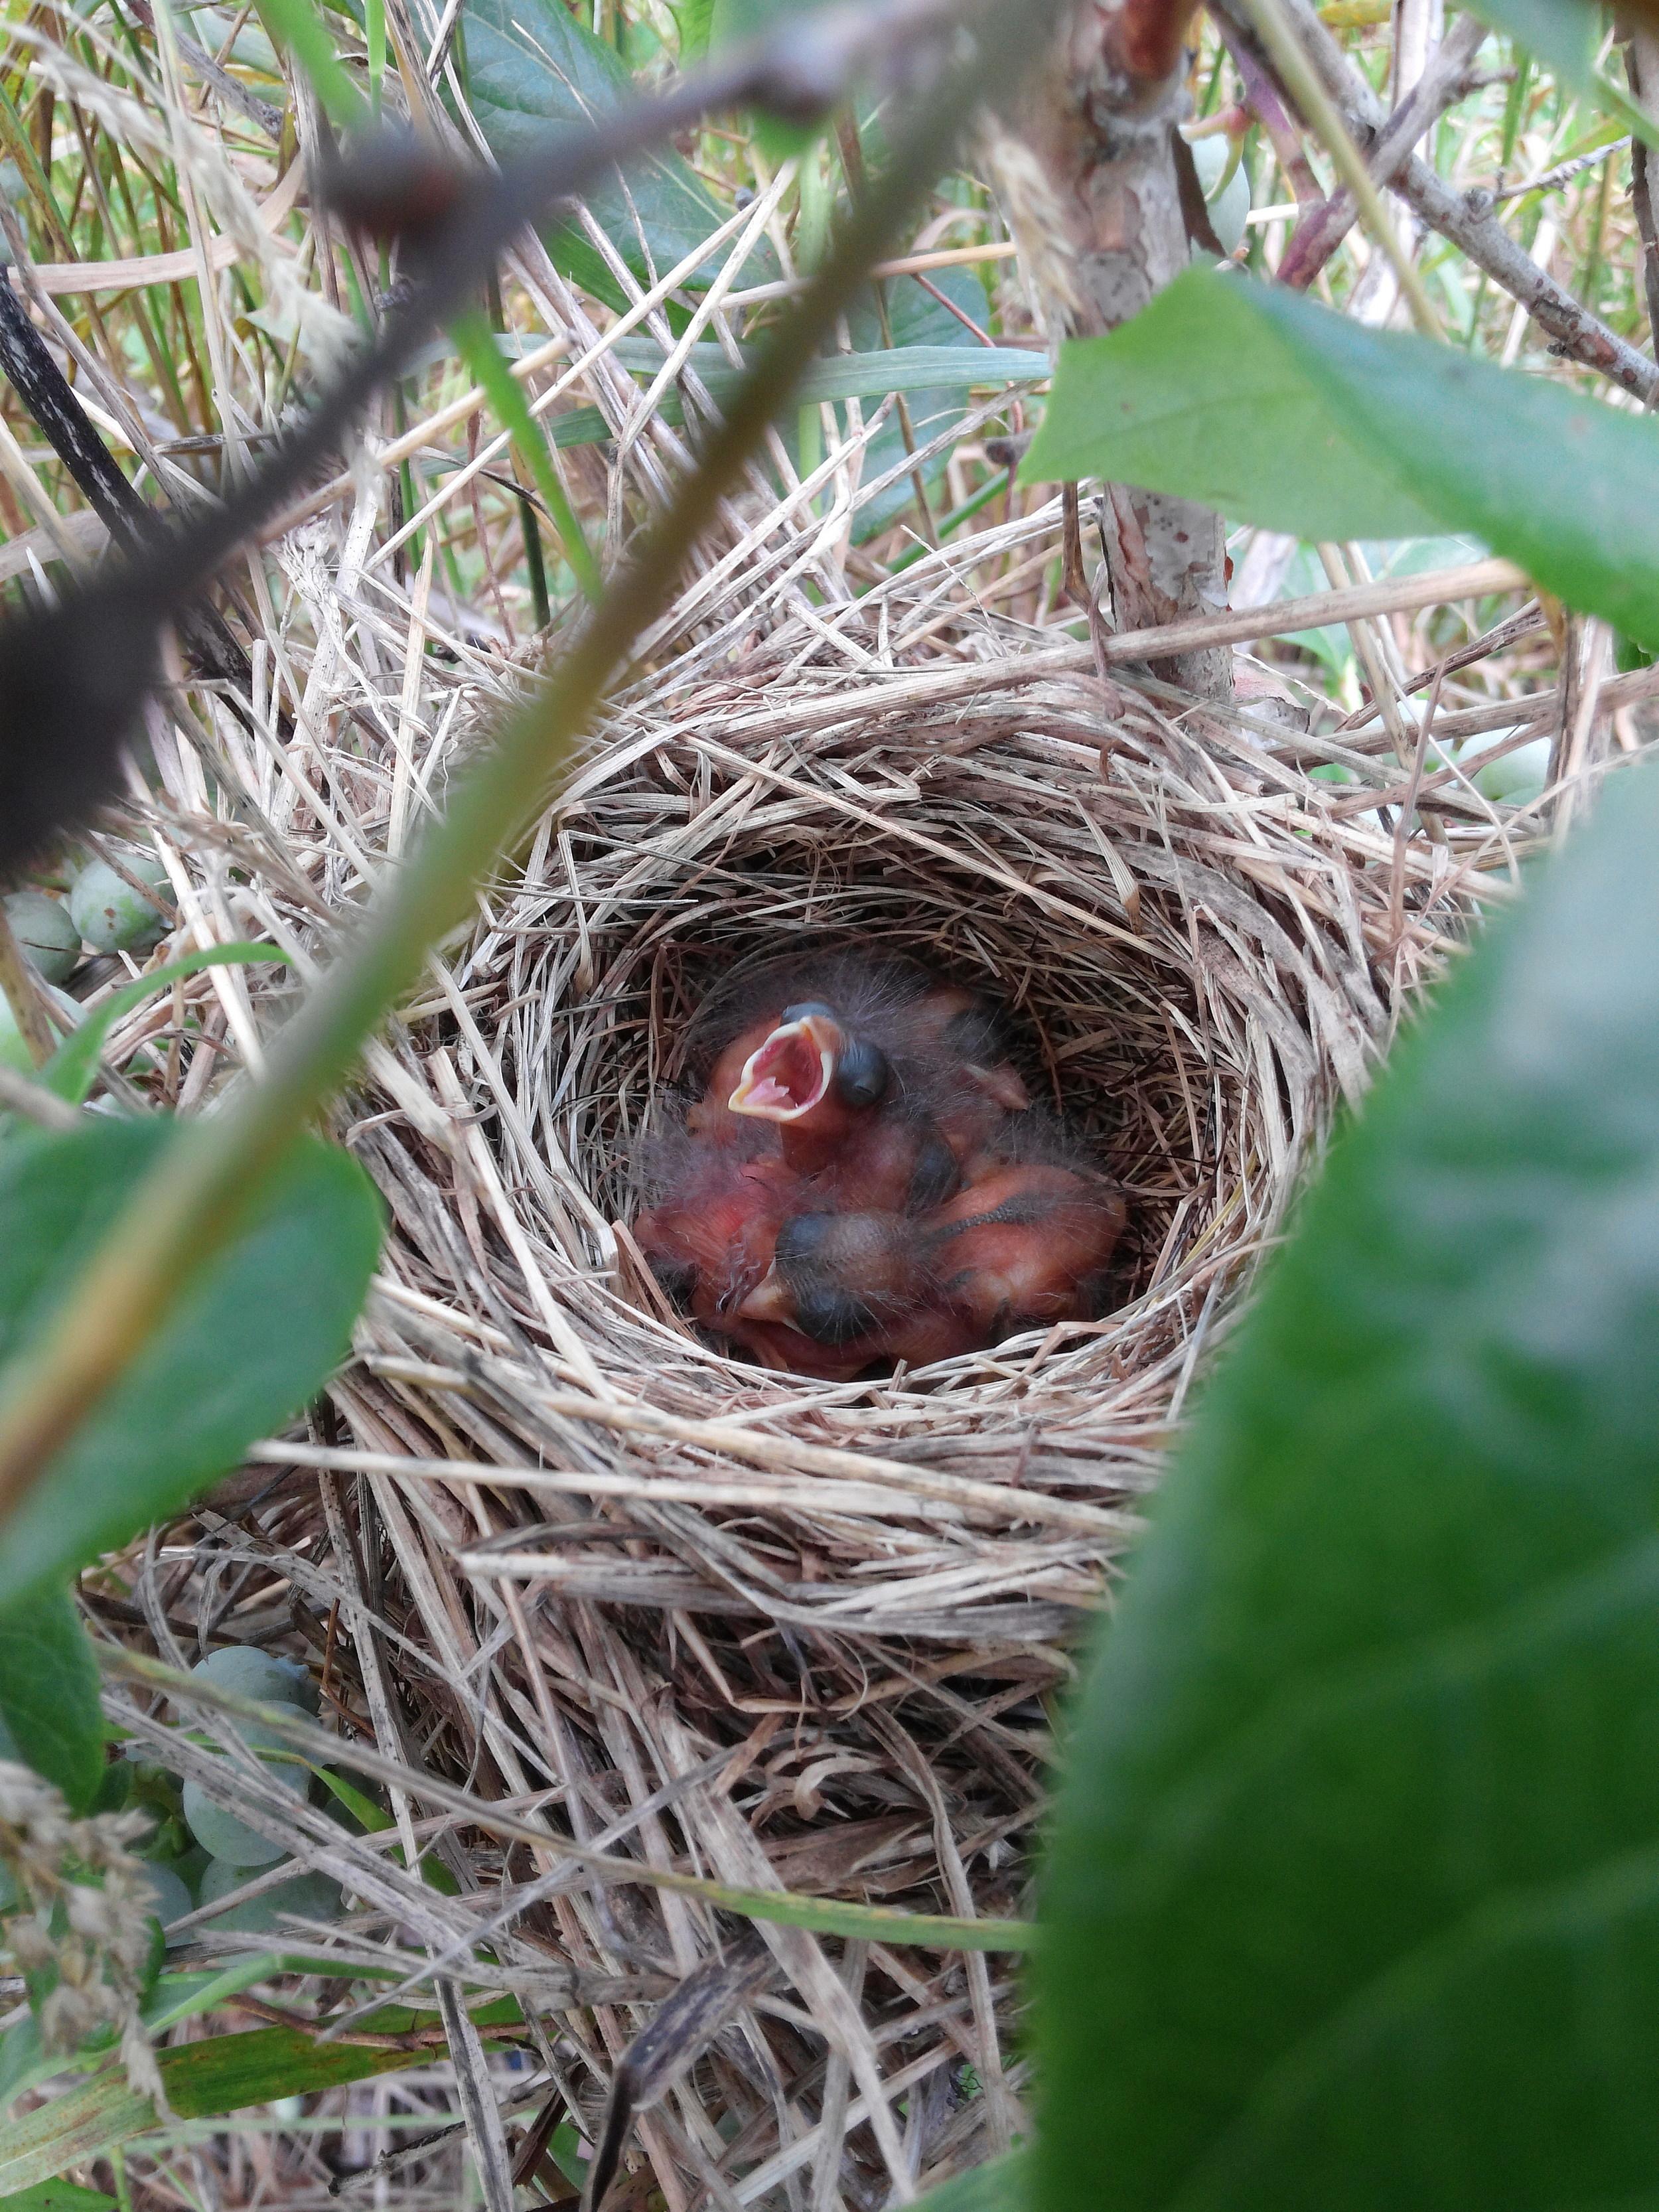 Sparrow Nest. Photo by L. Samson.